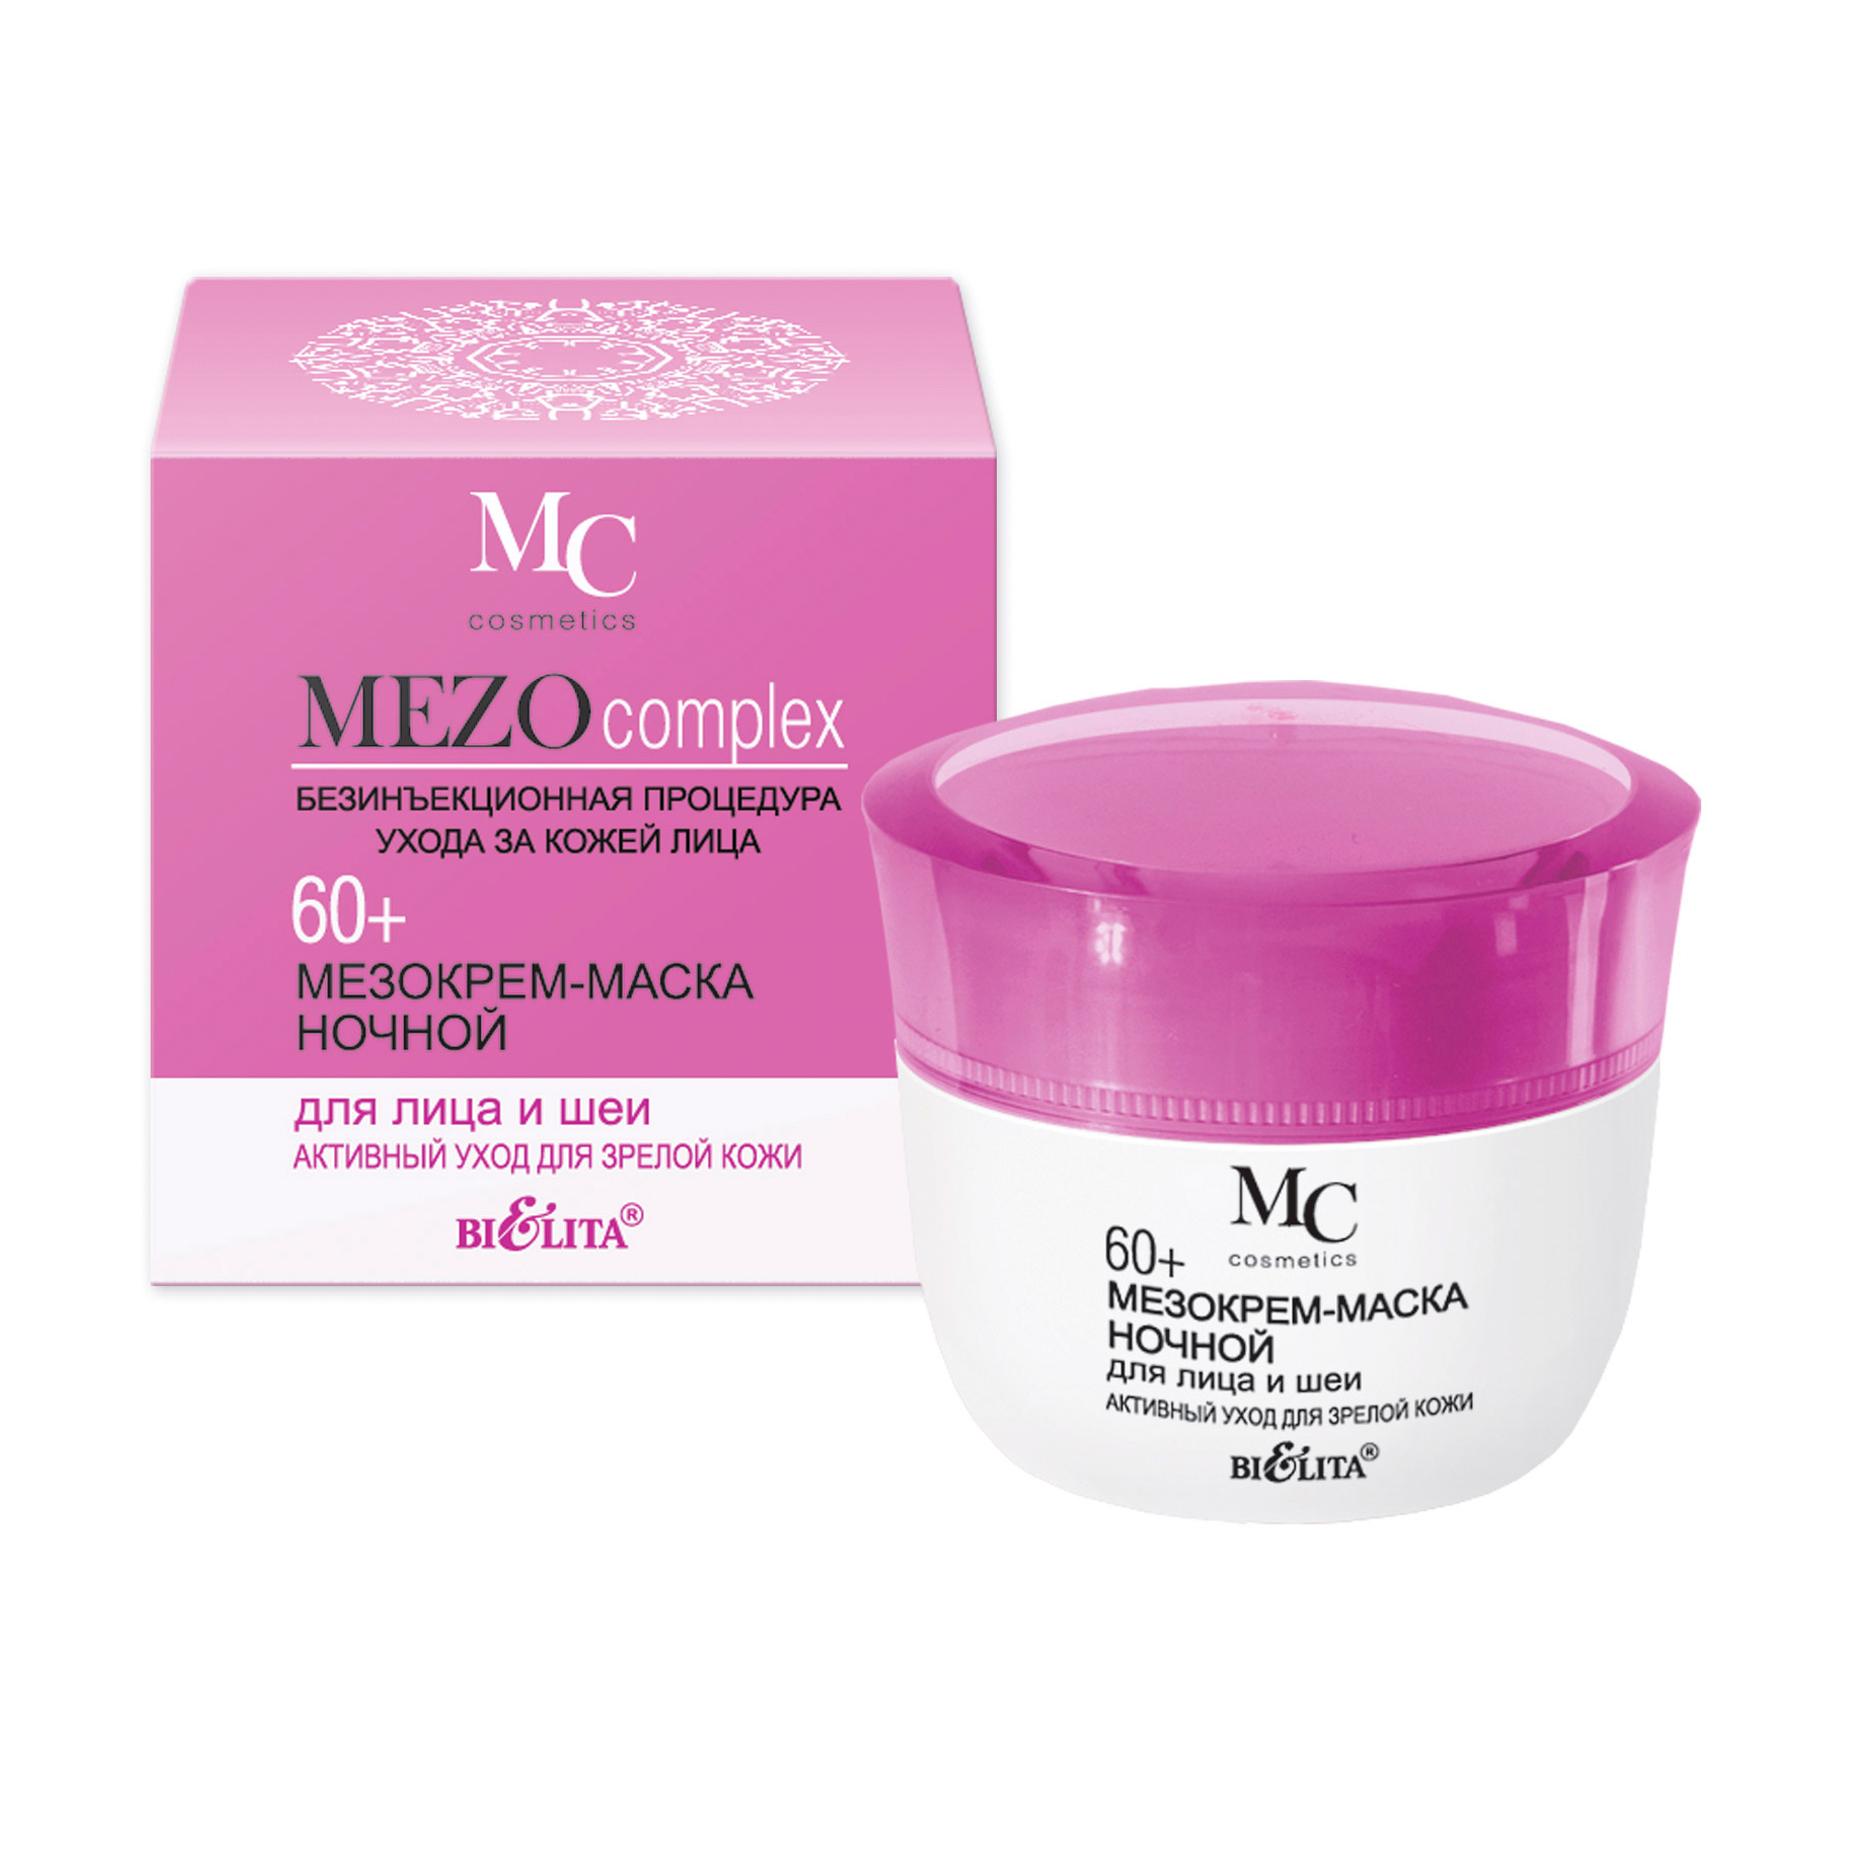 Мезокрем-маска для лица Belita MEZOcomplex активный уход для зрелой кожи 60+ ночной, 50мл Bielita